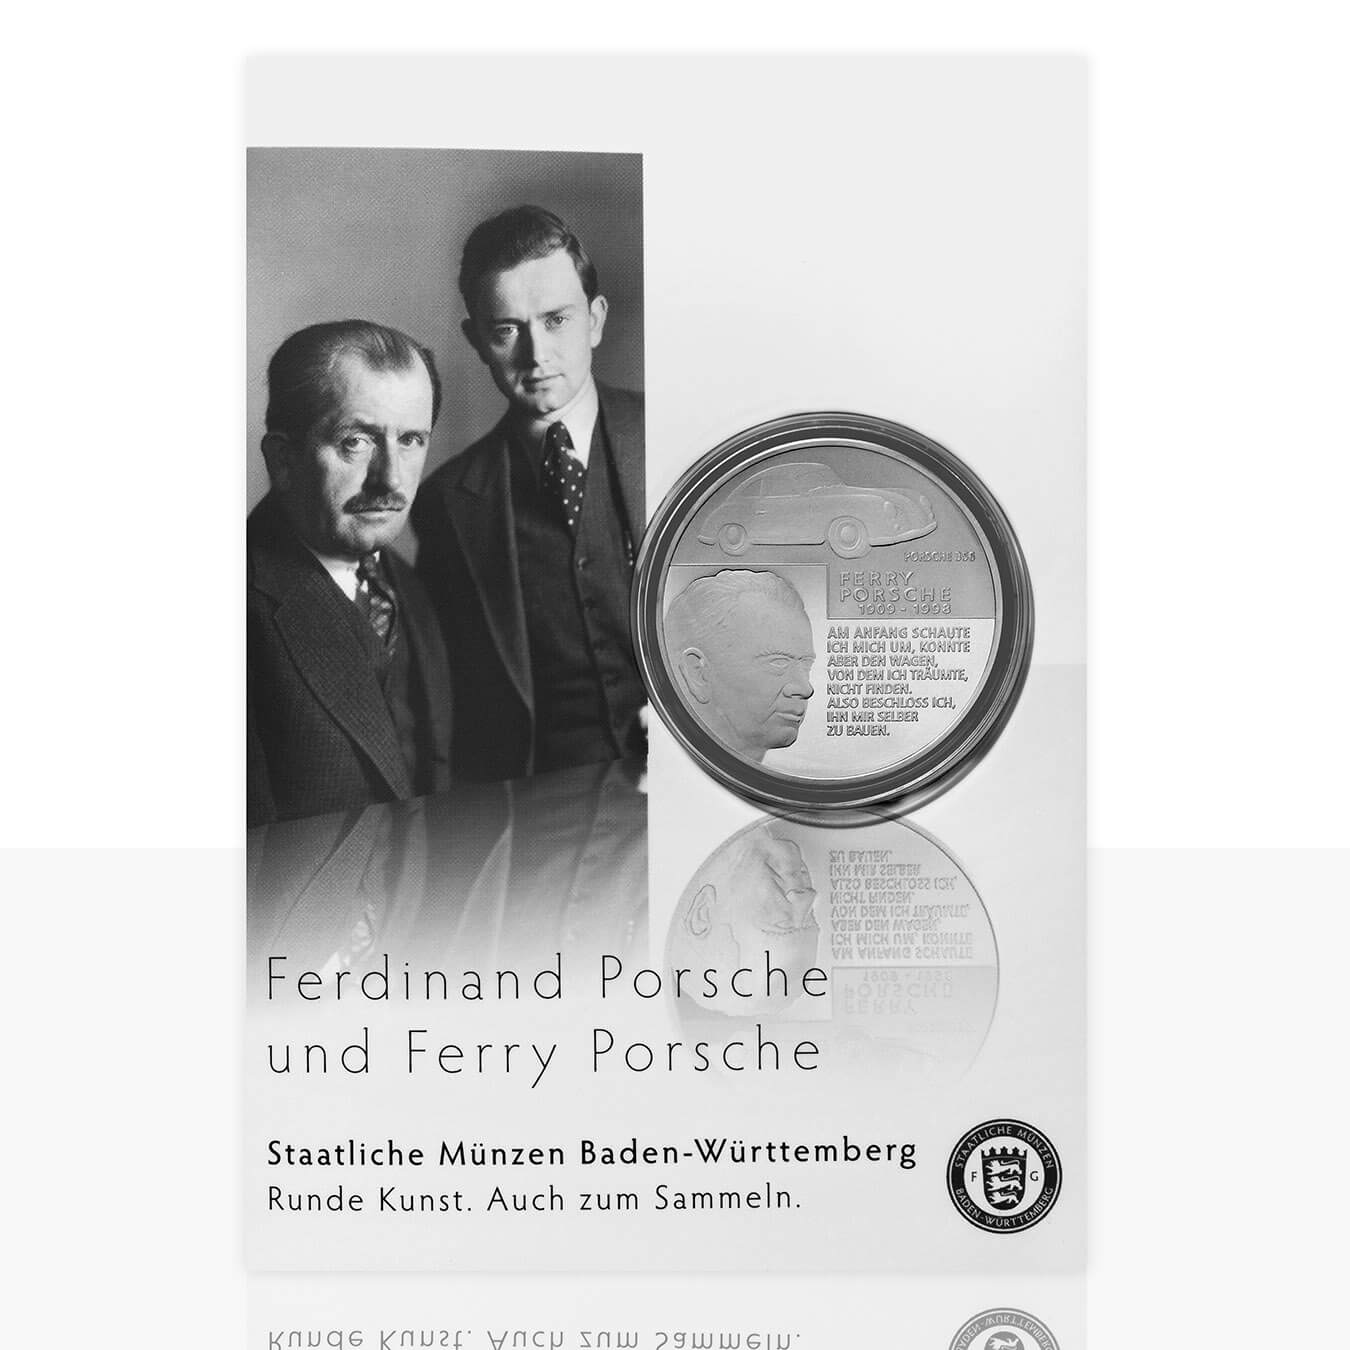 Ferdinand Und Ferry Porsche Versilberte Medaille In Medaillenkarte